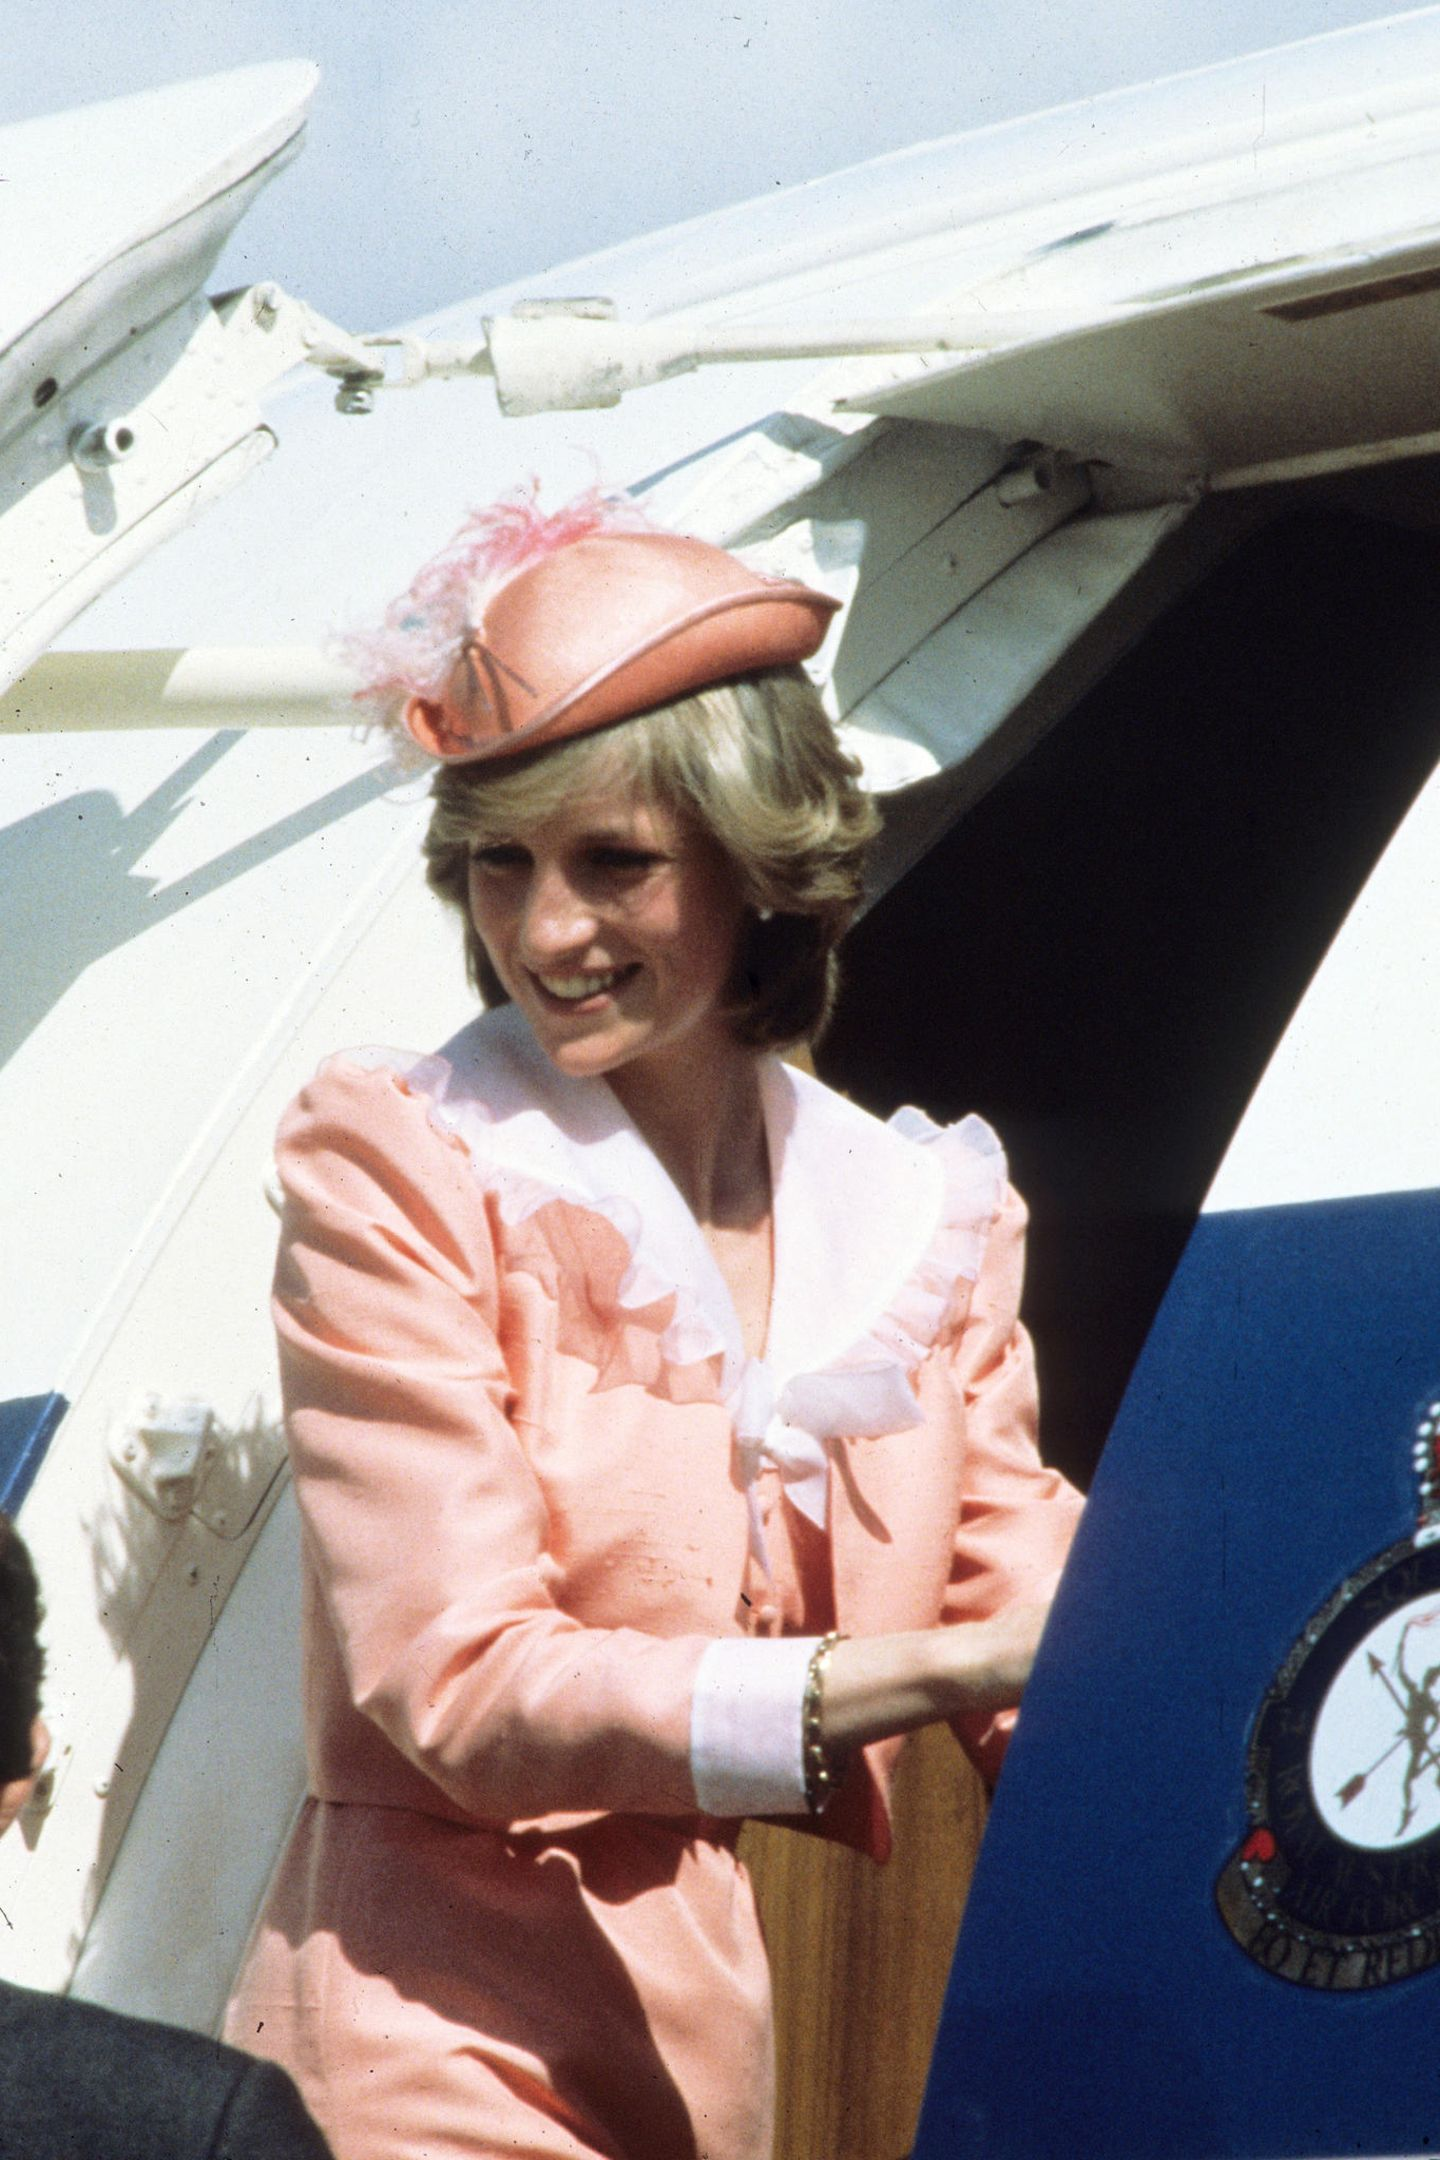 1982   Der erste offizielle Auslandsbesuch war verbunden mit einer langen Flugreise: Es geht nach Australien.